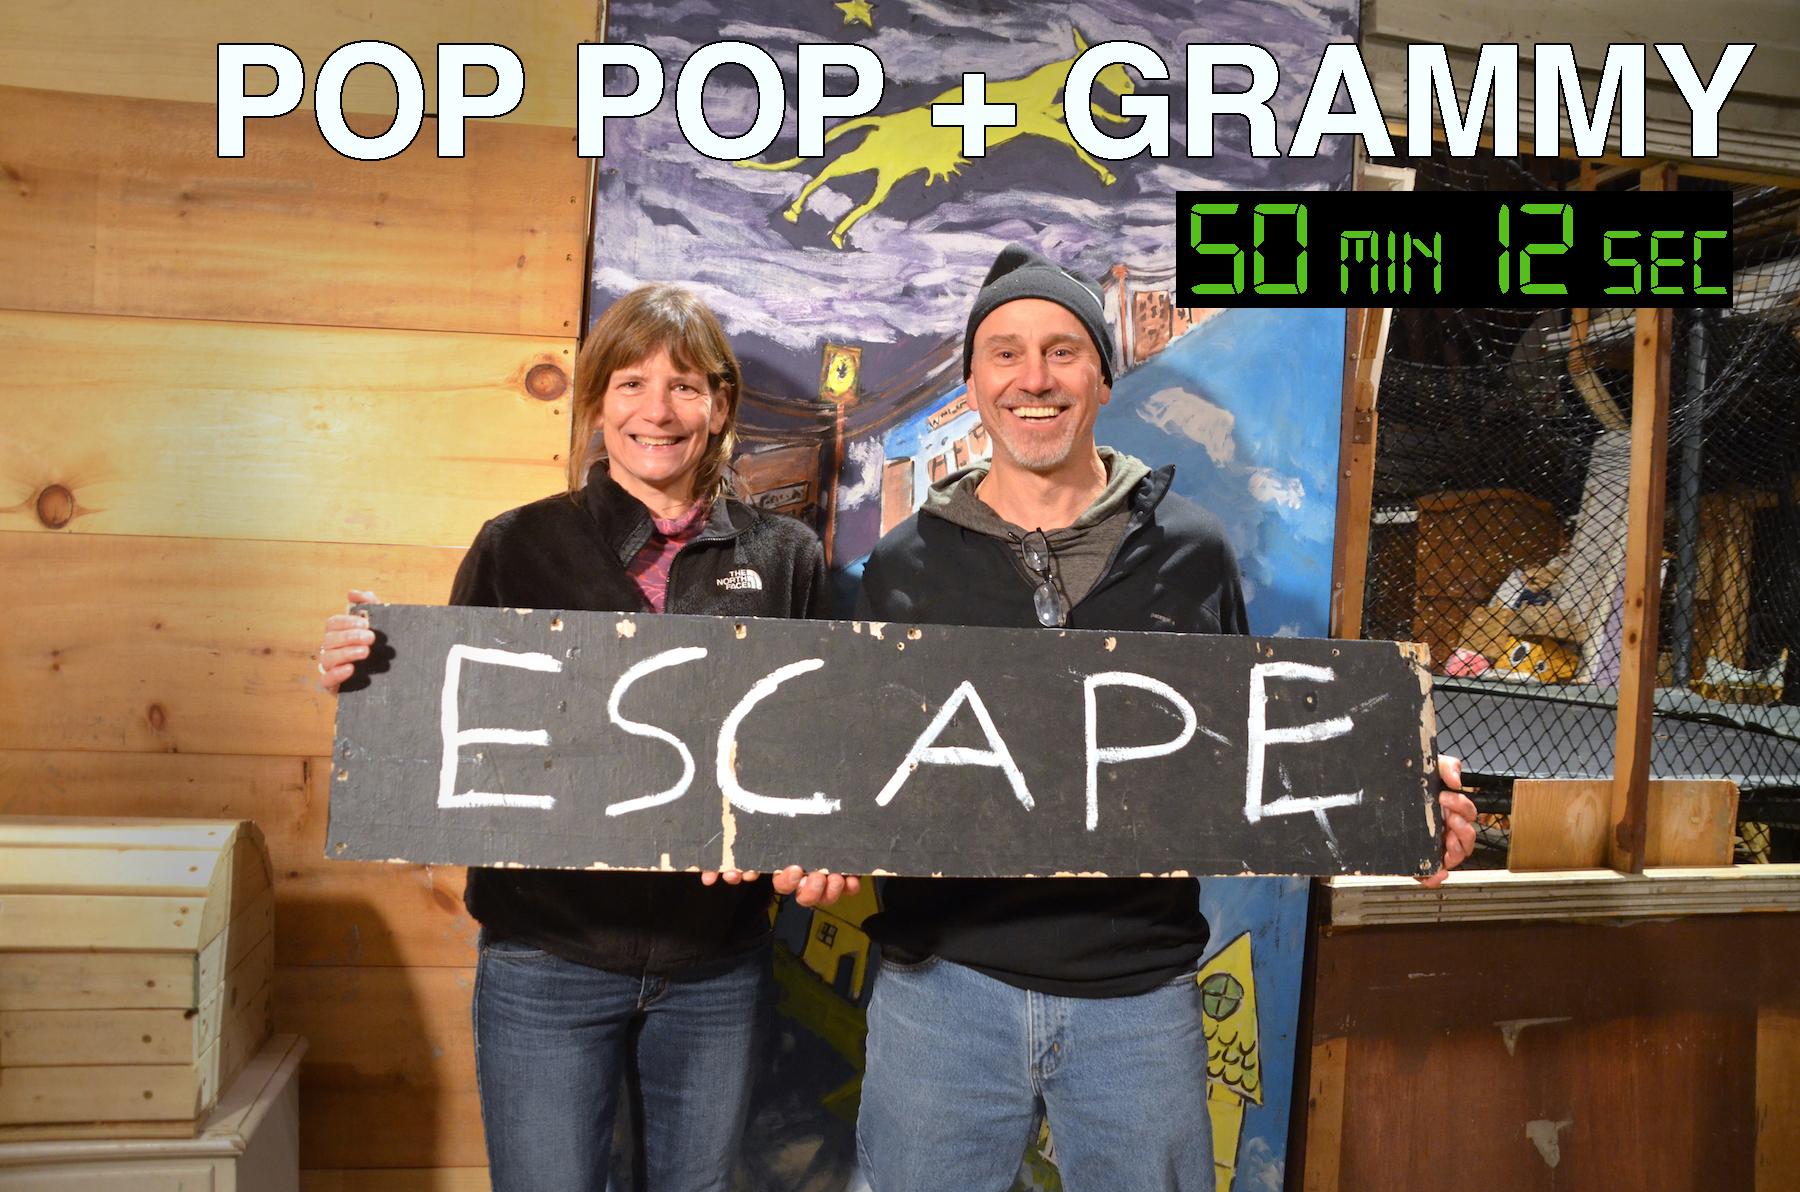 pop pop.jpg